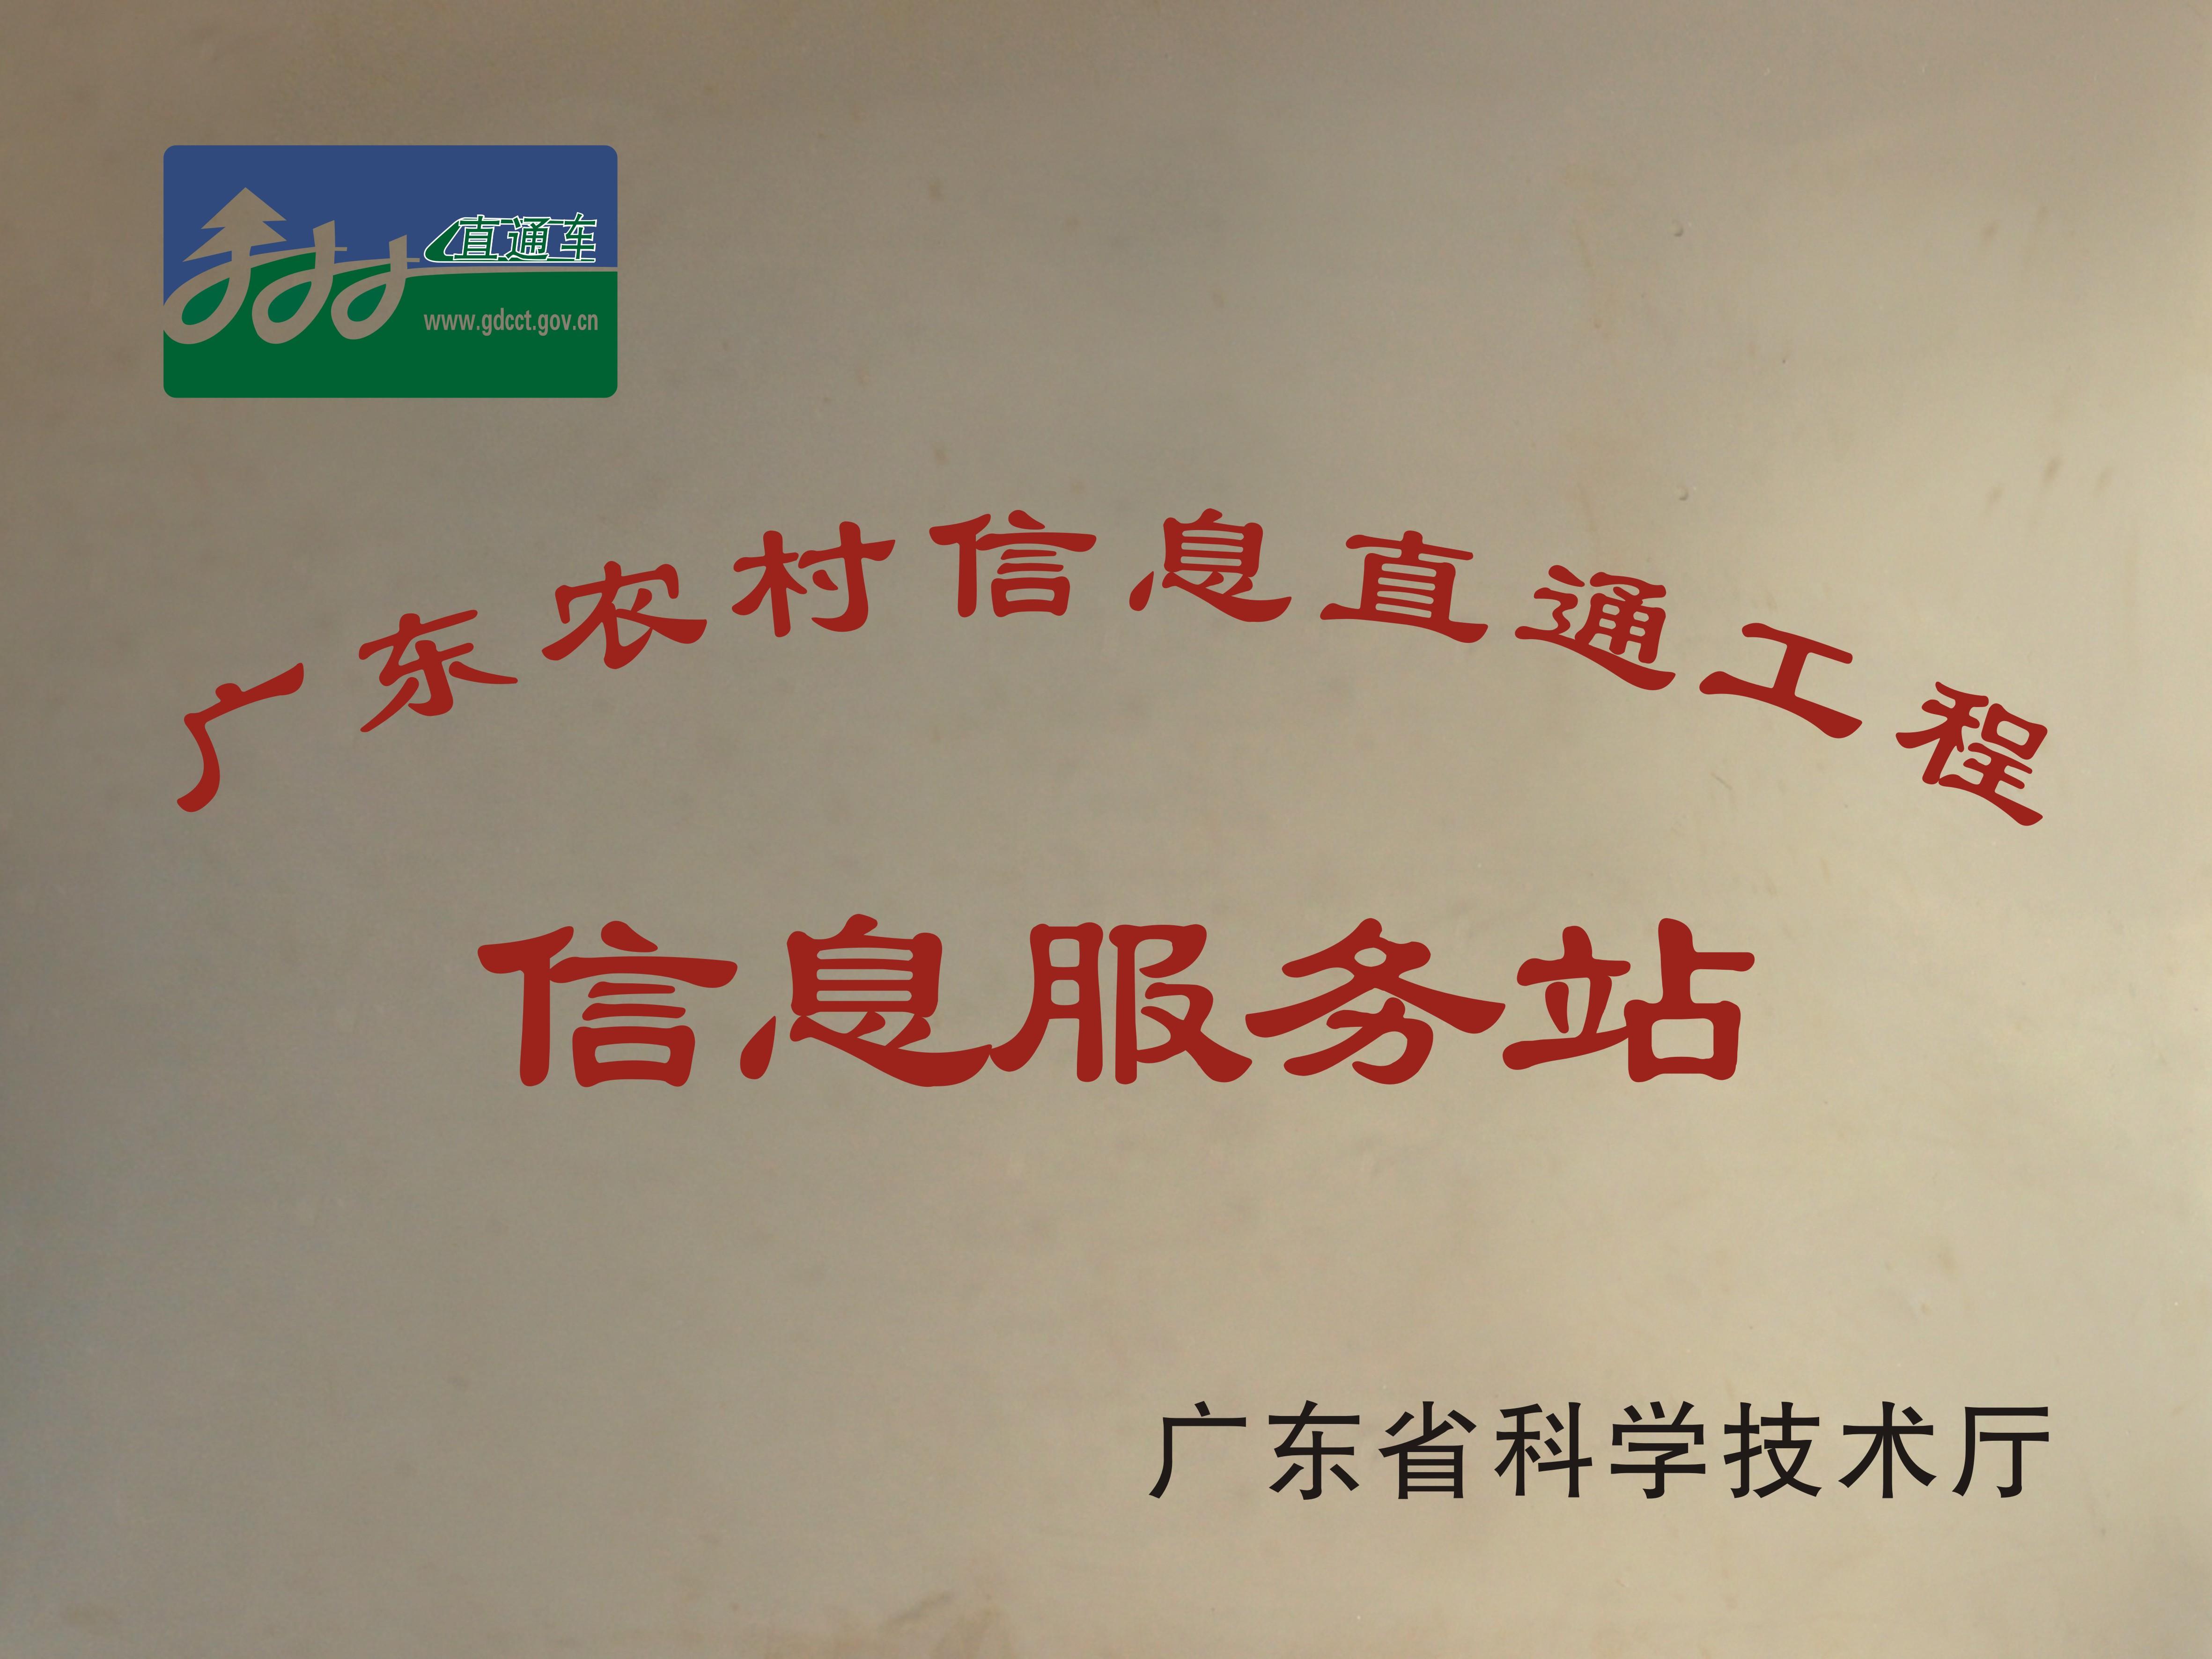 廣東農村信息直通工程信息服務站